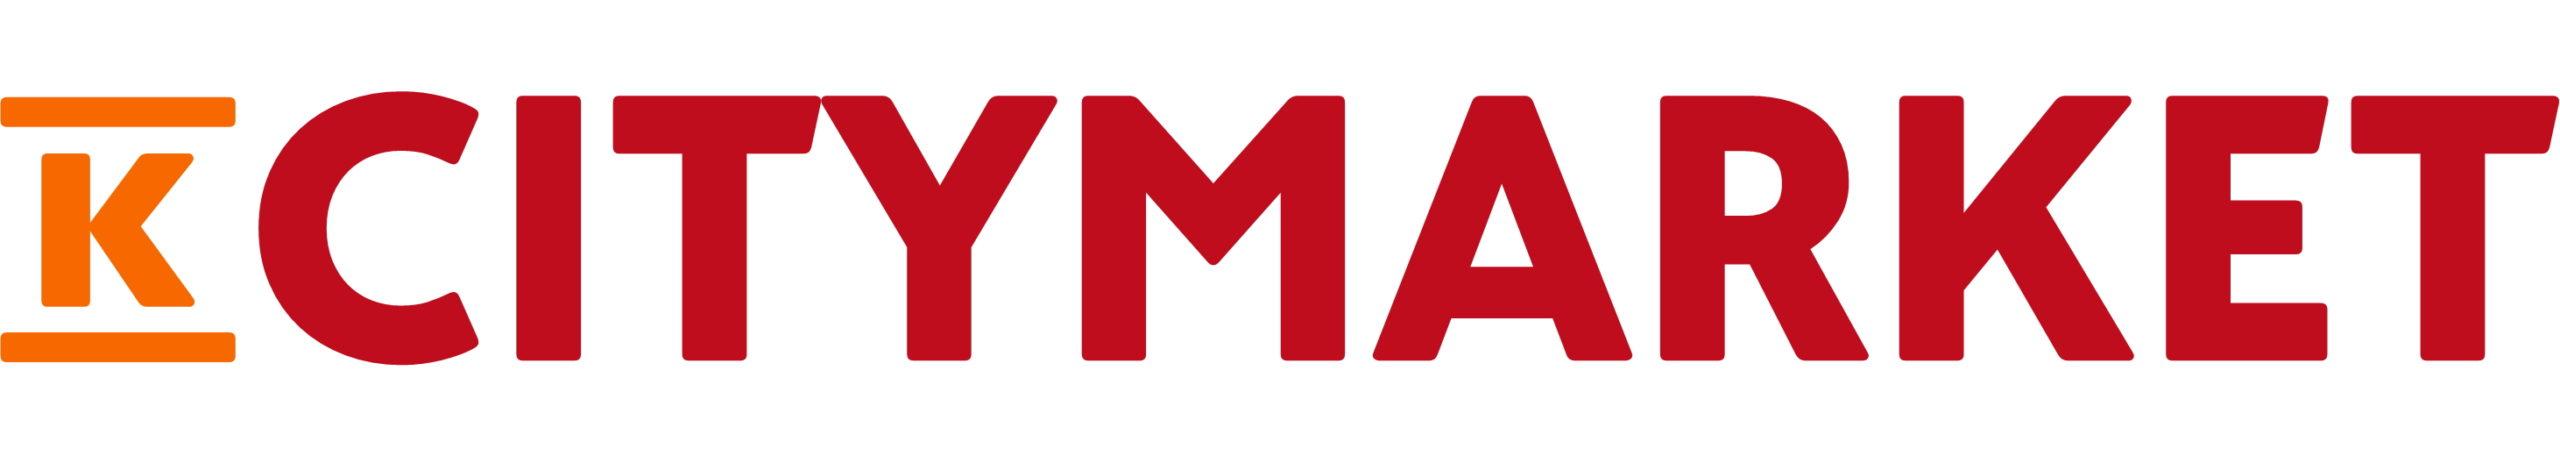 https://hameenlinnantennisseura.fi/wp-content/uploads/2021/04/logo-kcm-scaled.jpg